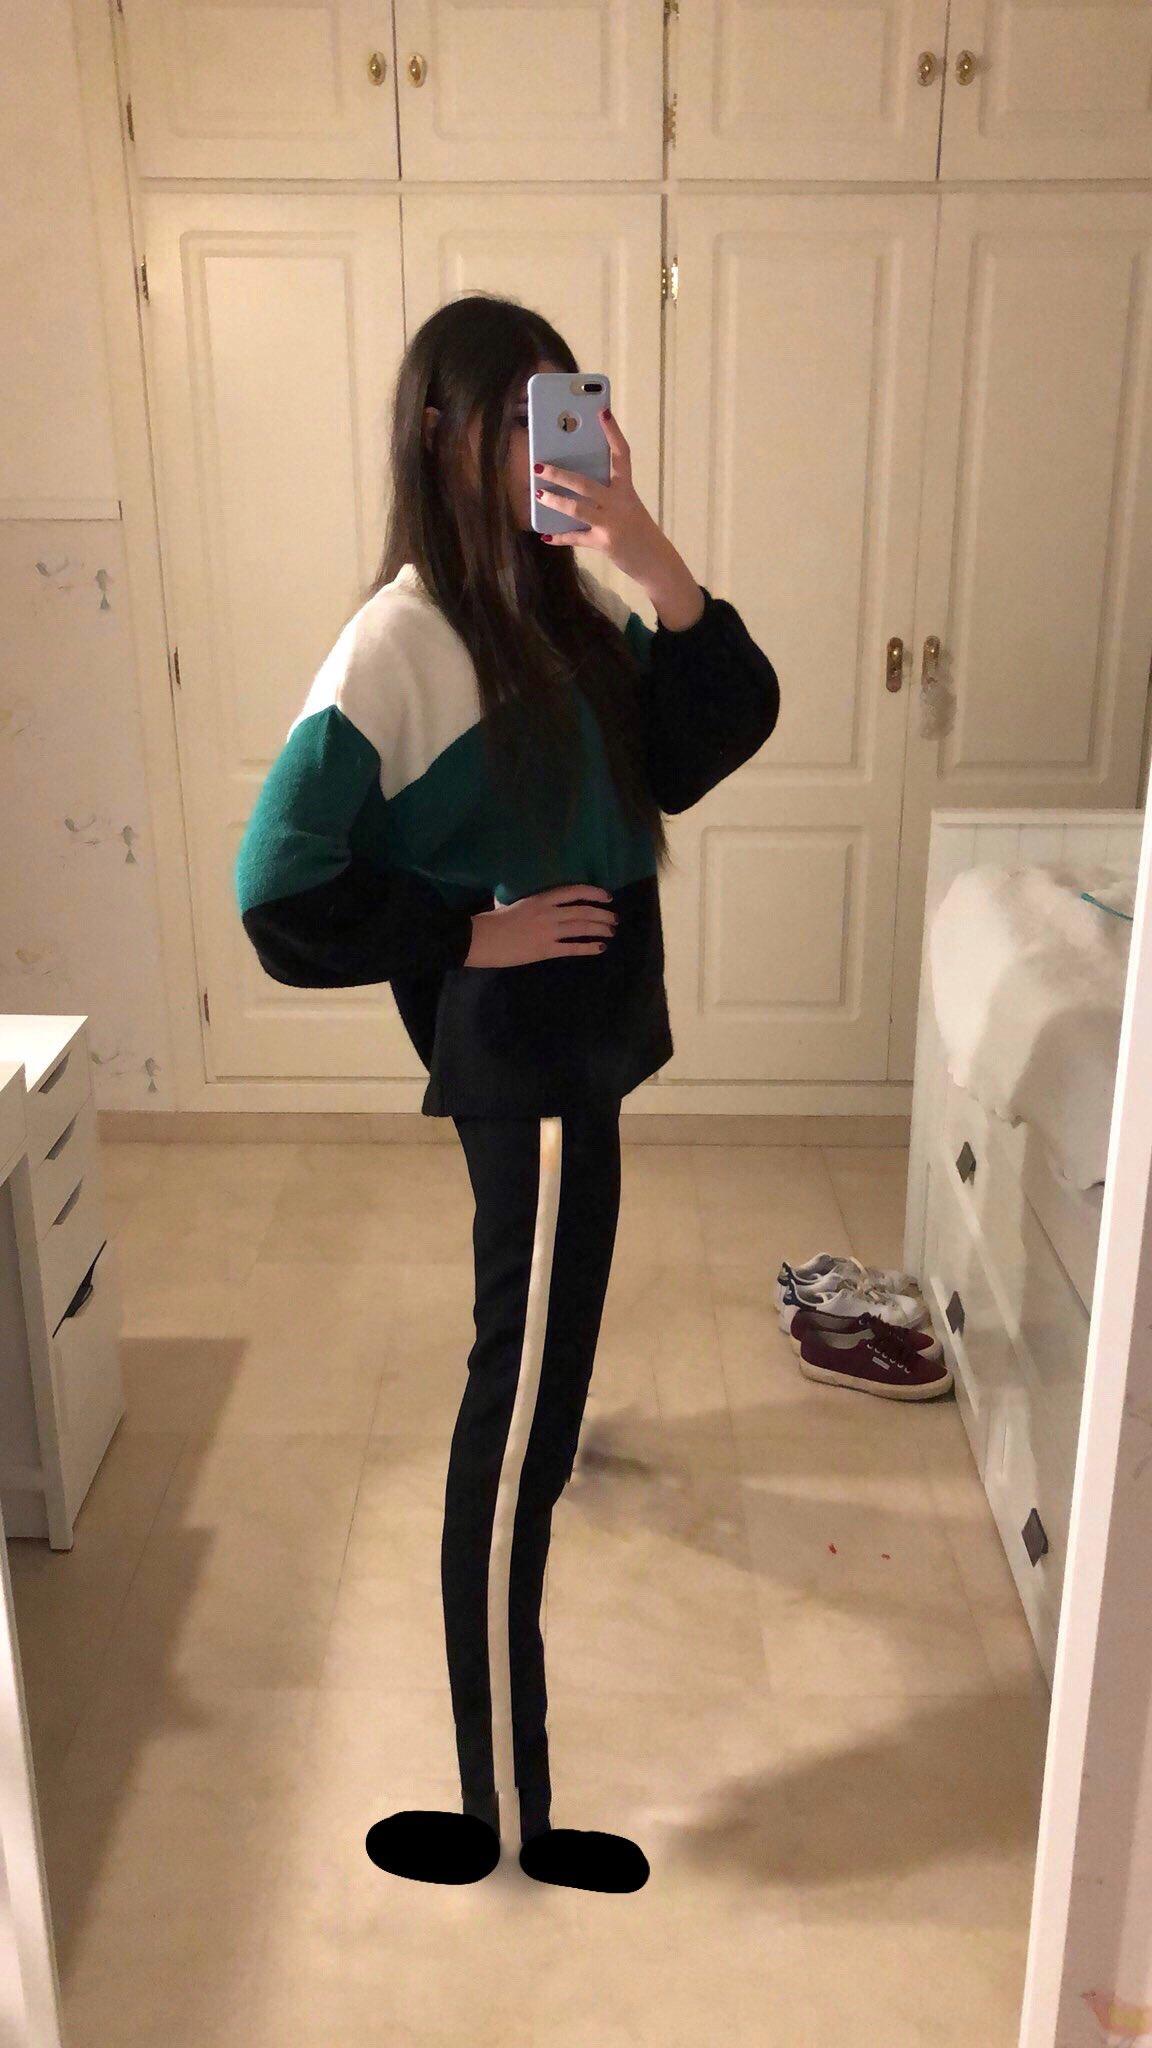 Marisol Villanueva mirror selfie photo